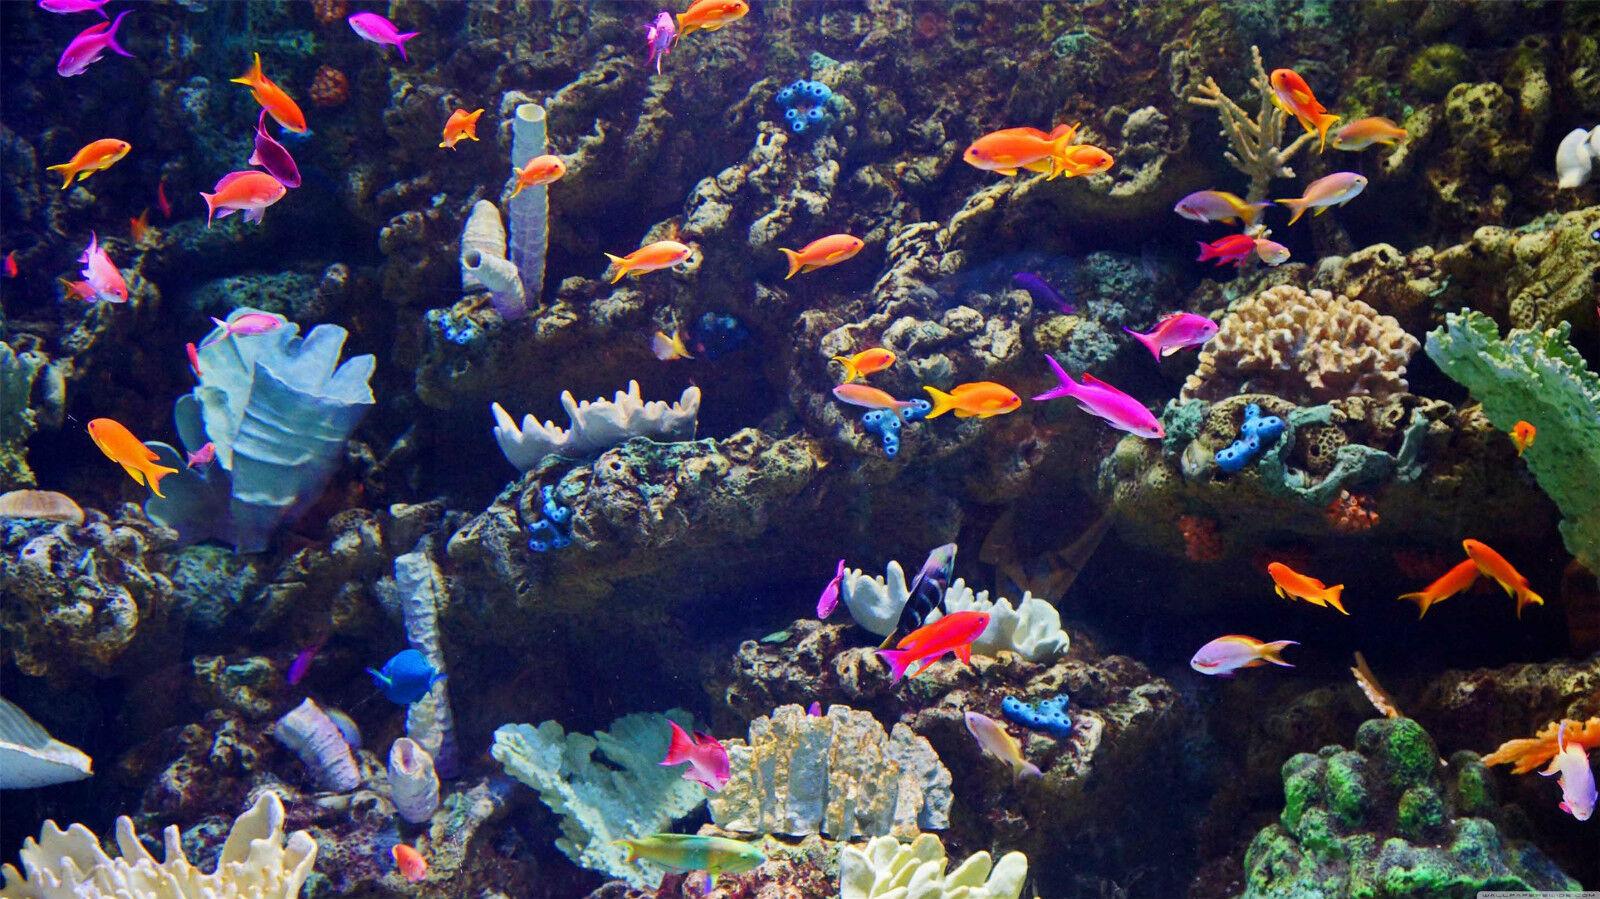 3D Fonds Marins Poisson 233 Décor Mural Murale De Mur Mur Mur De Cuisine AJ WALLPAPER FR | De Fin D'année Bonnes Affaires Vente  567dbe